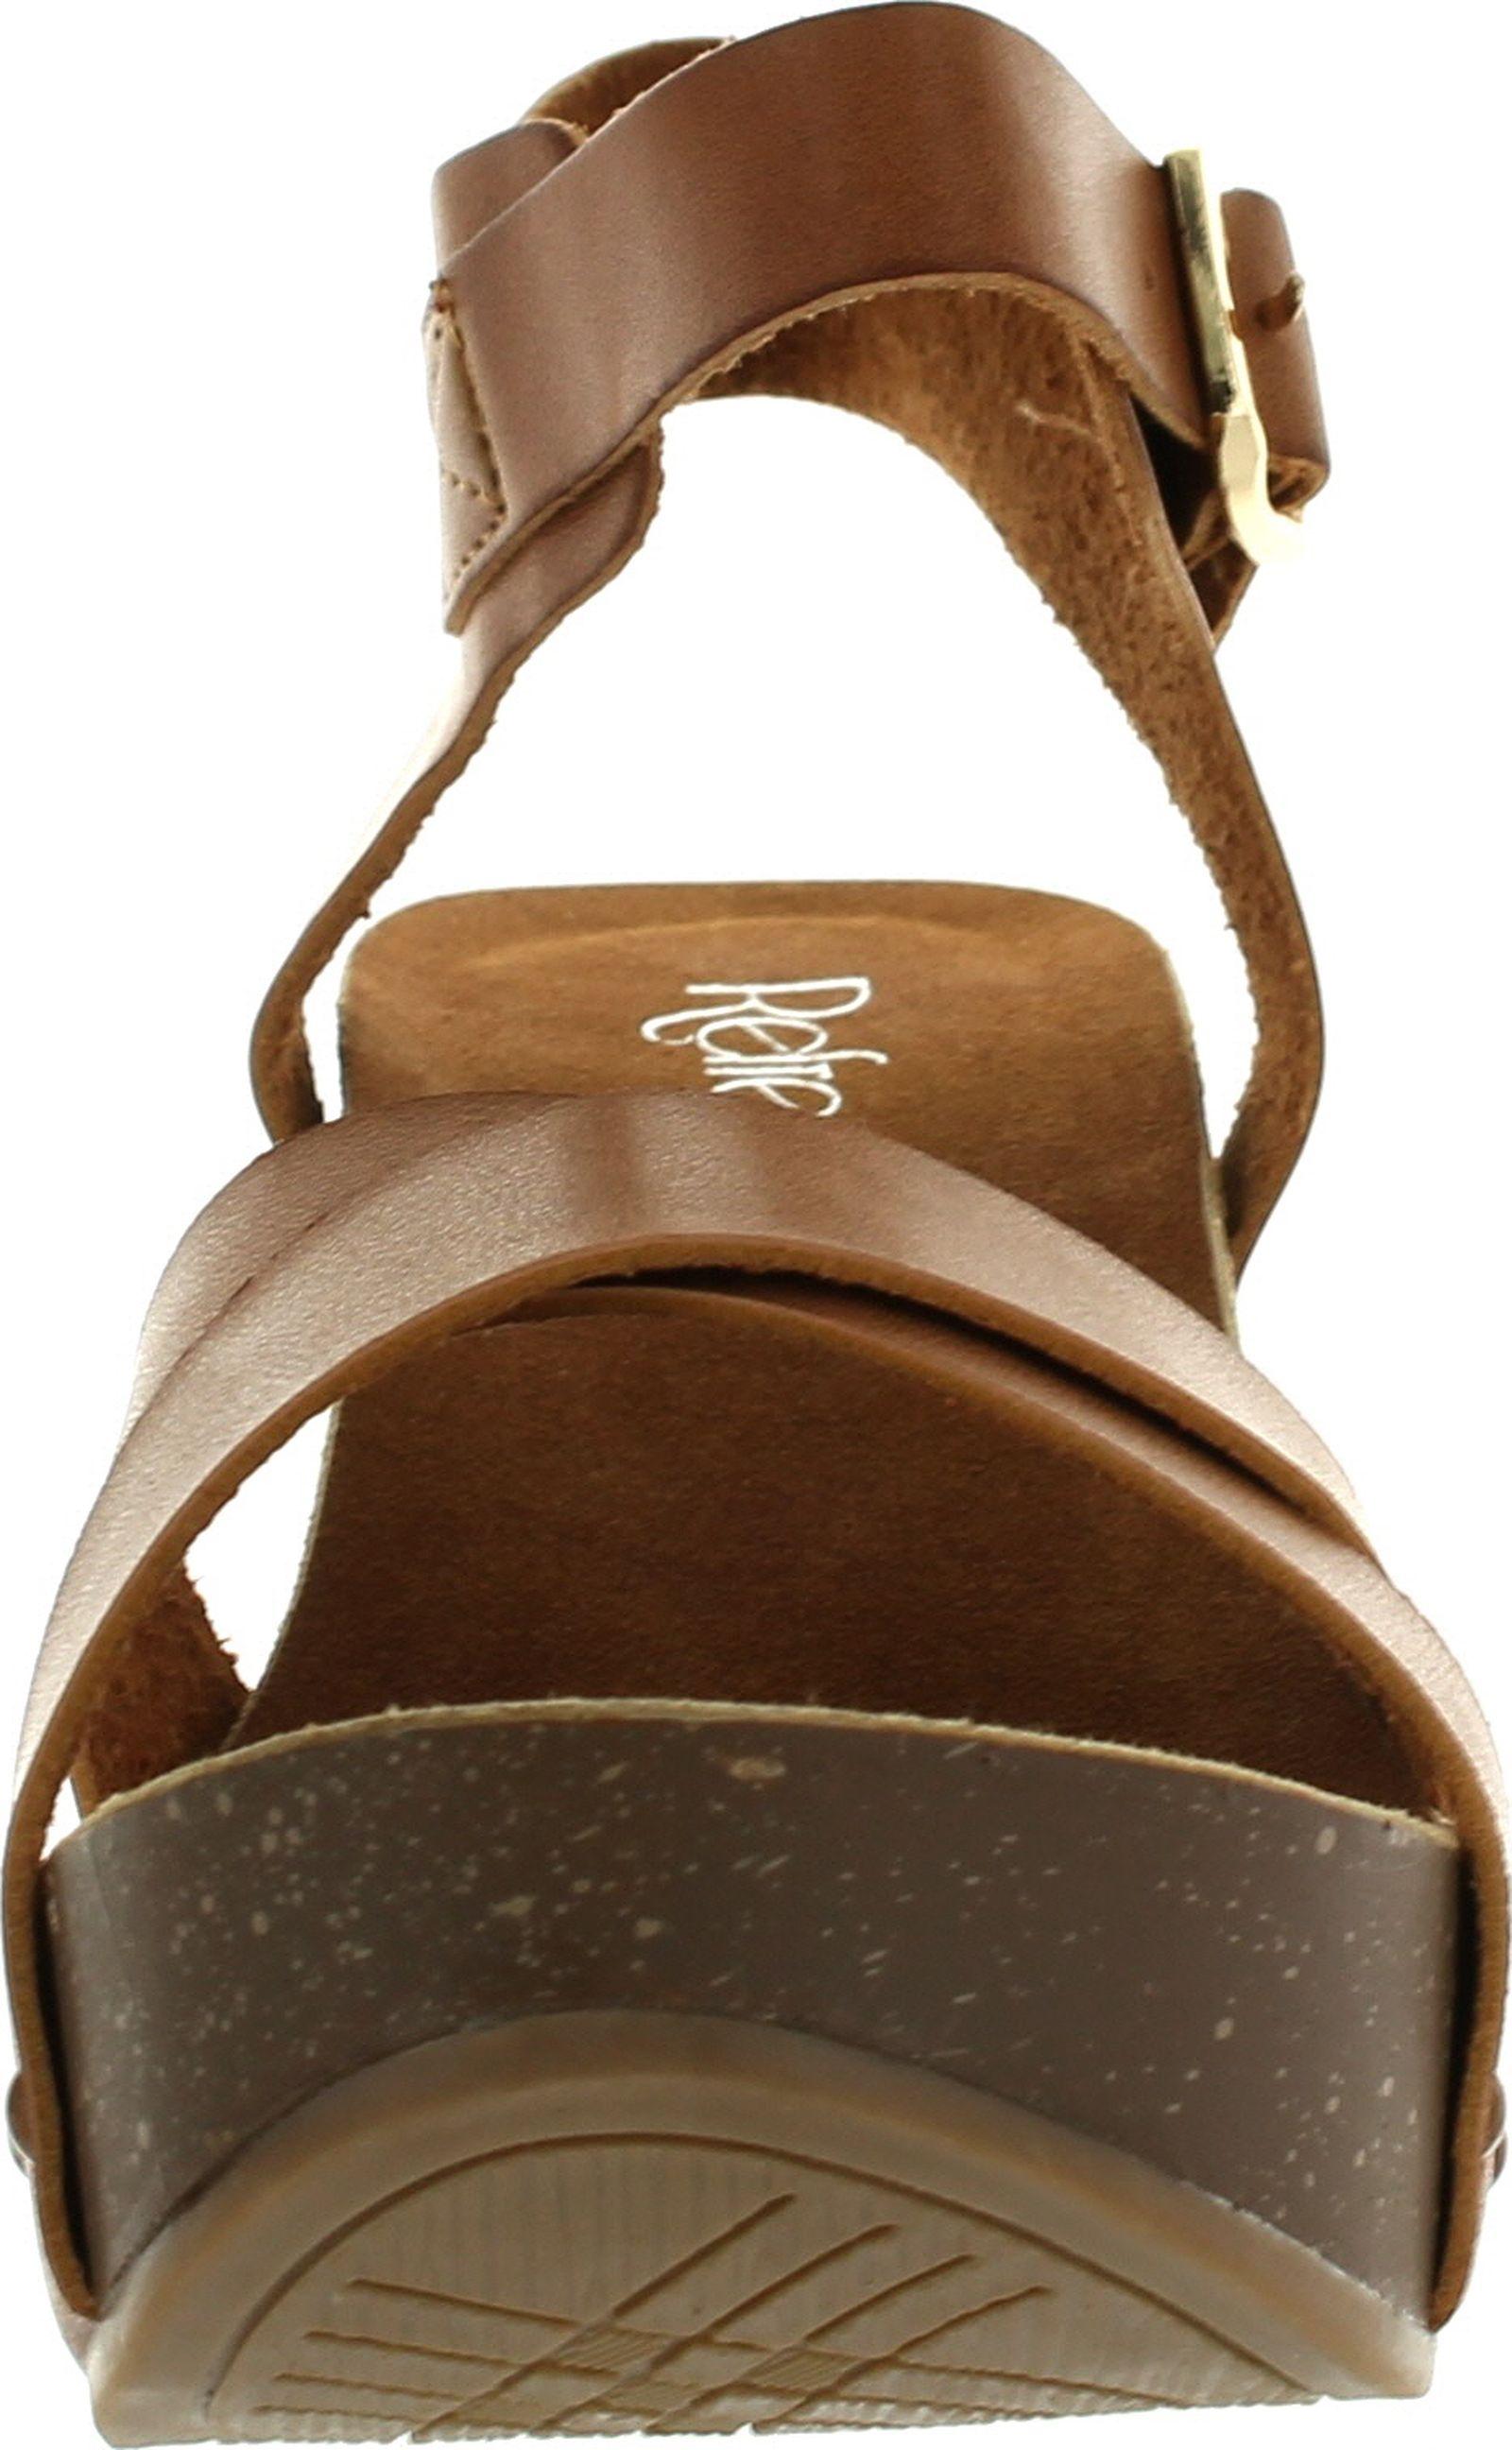 comforter heel wedge sandals silvie dansko peltz mid comfort s womens women shoes